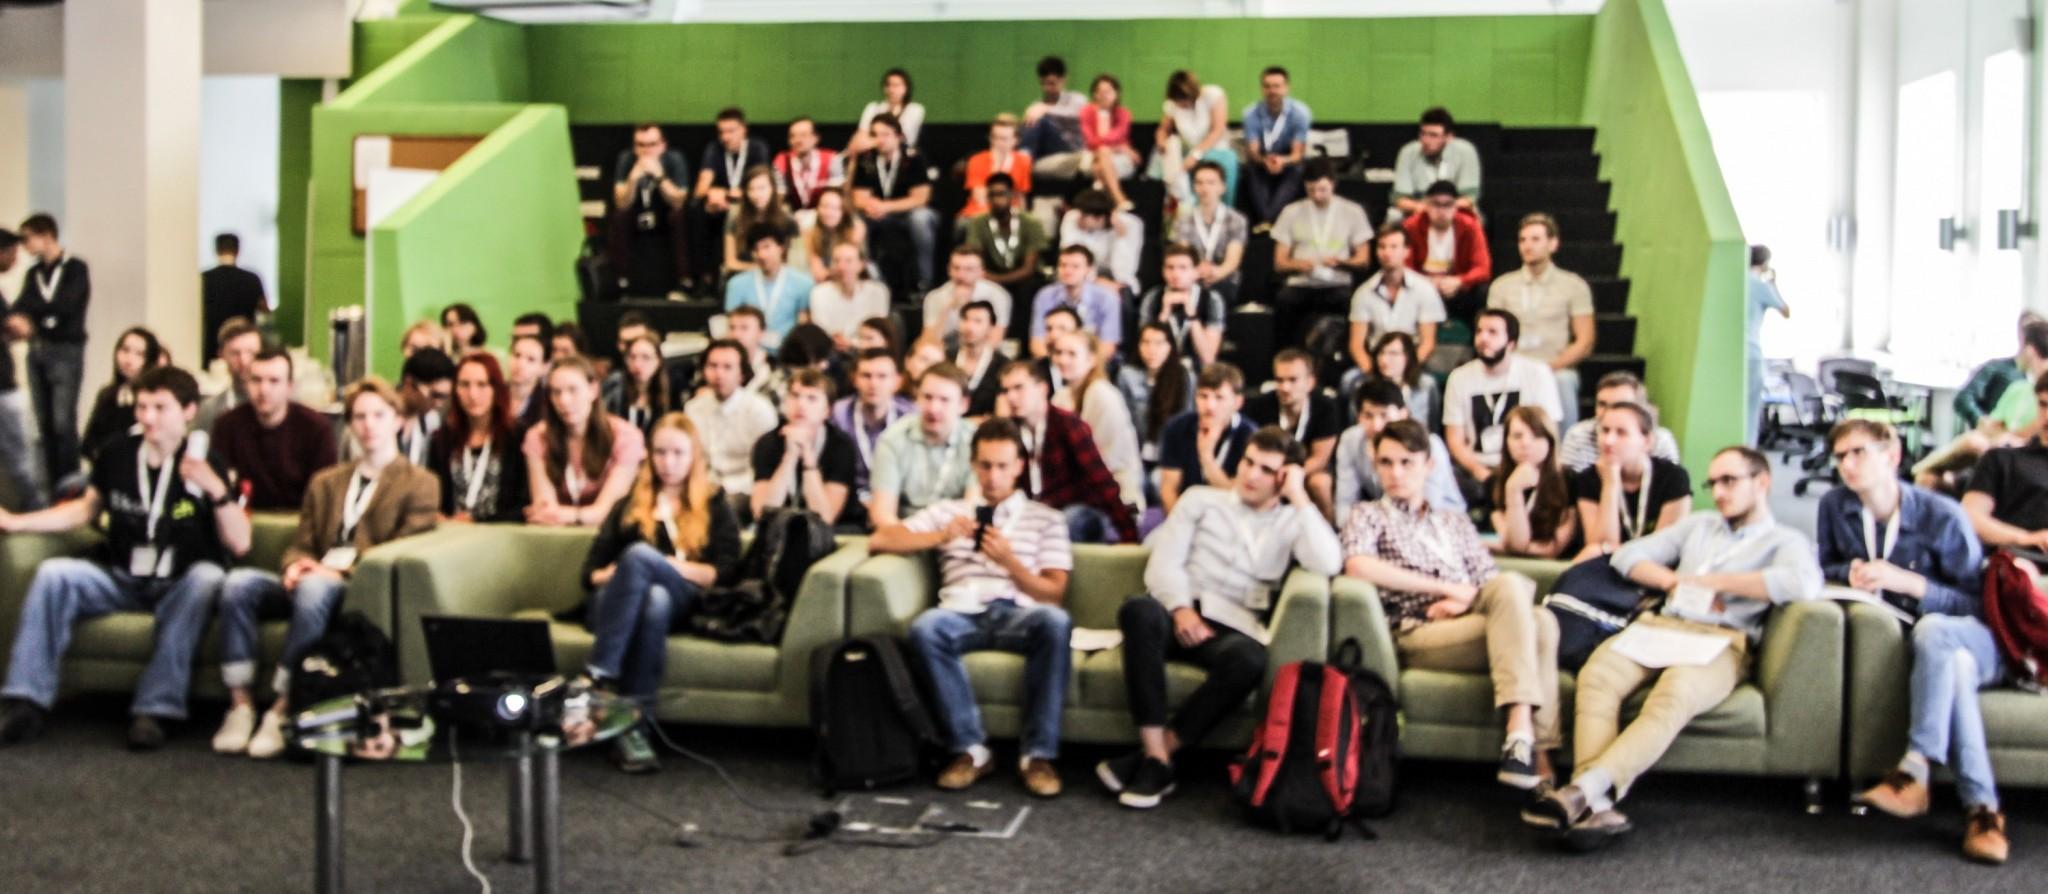 MSc hopefuls gather in Skoltech's student cohort. Photo: Skoltech.